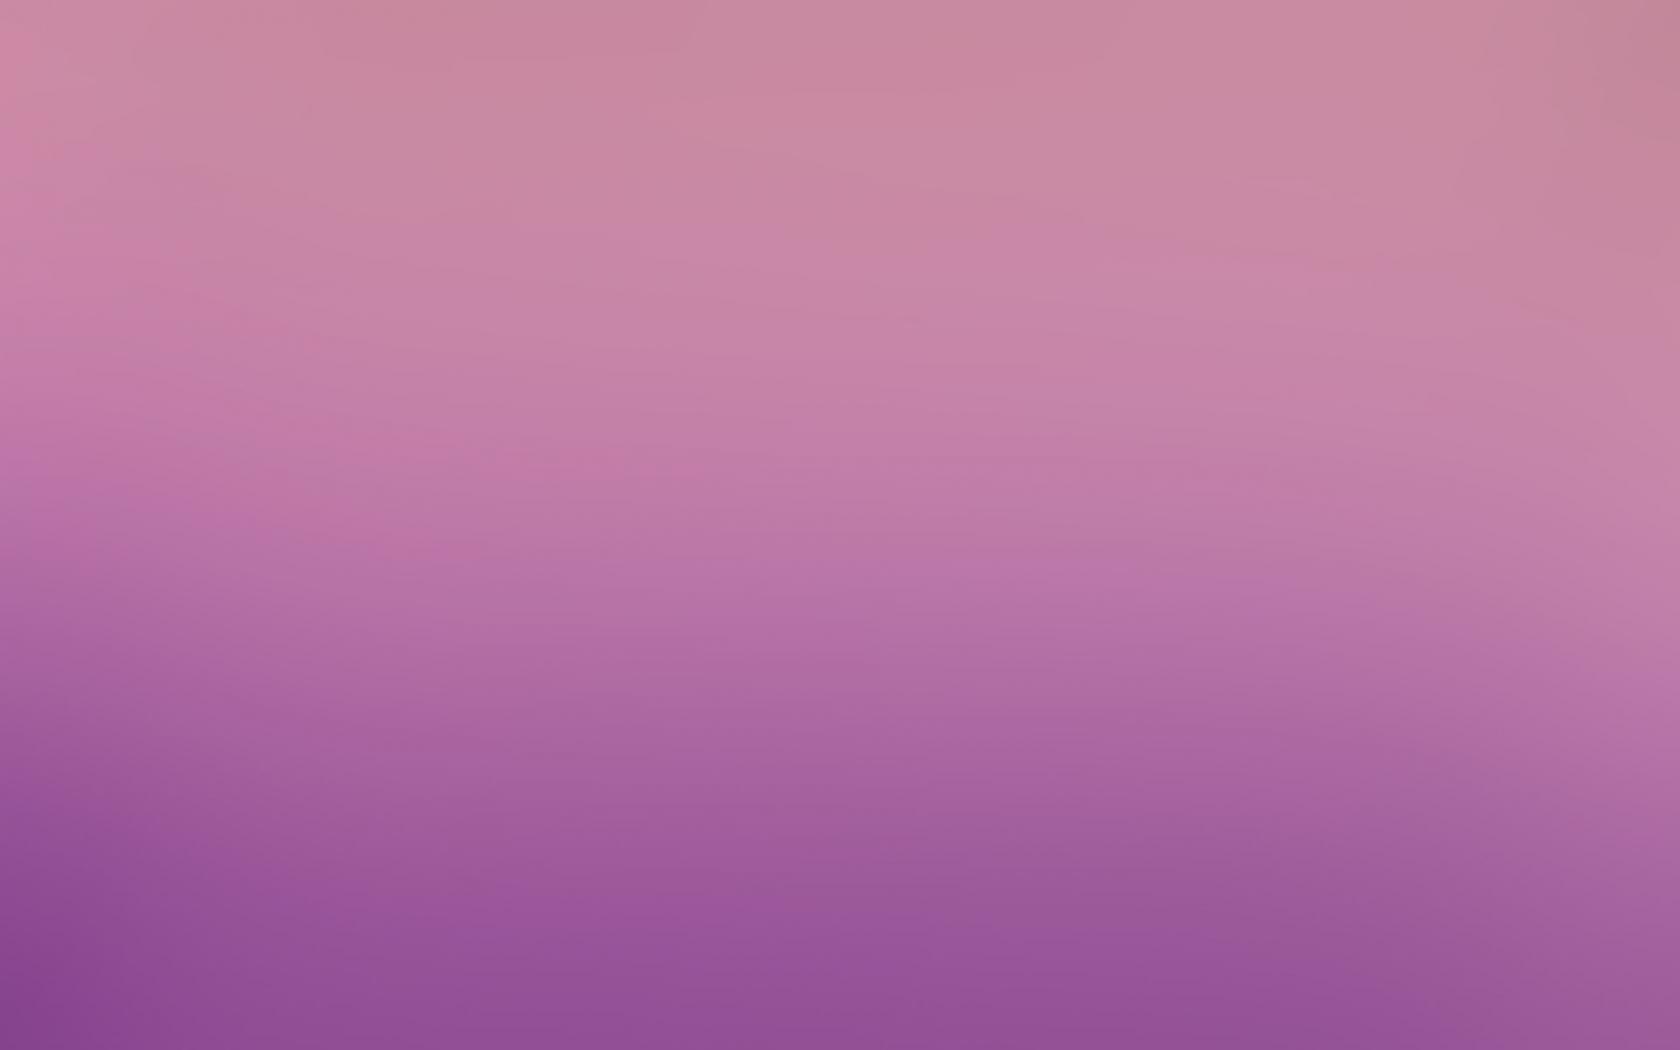 Fondos de colores pastel imagui for De colores de colores